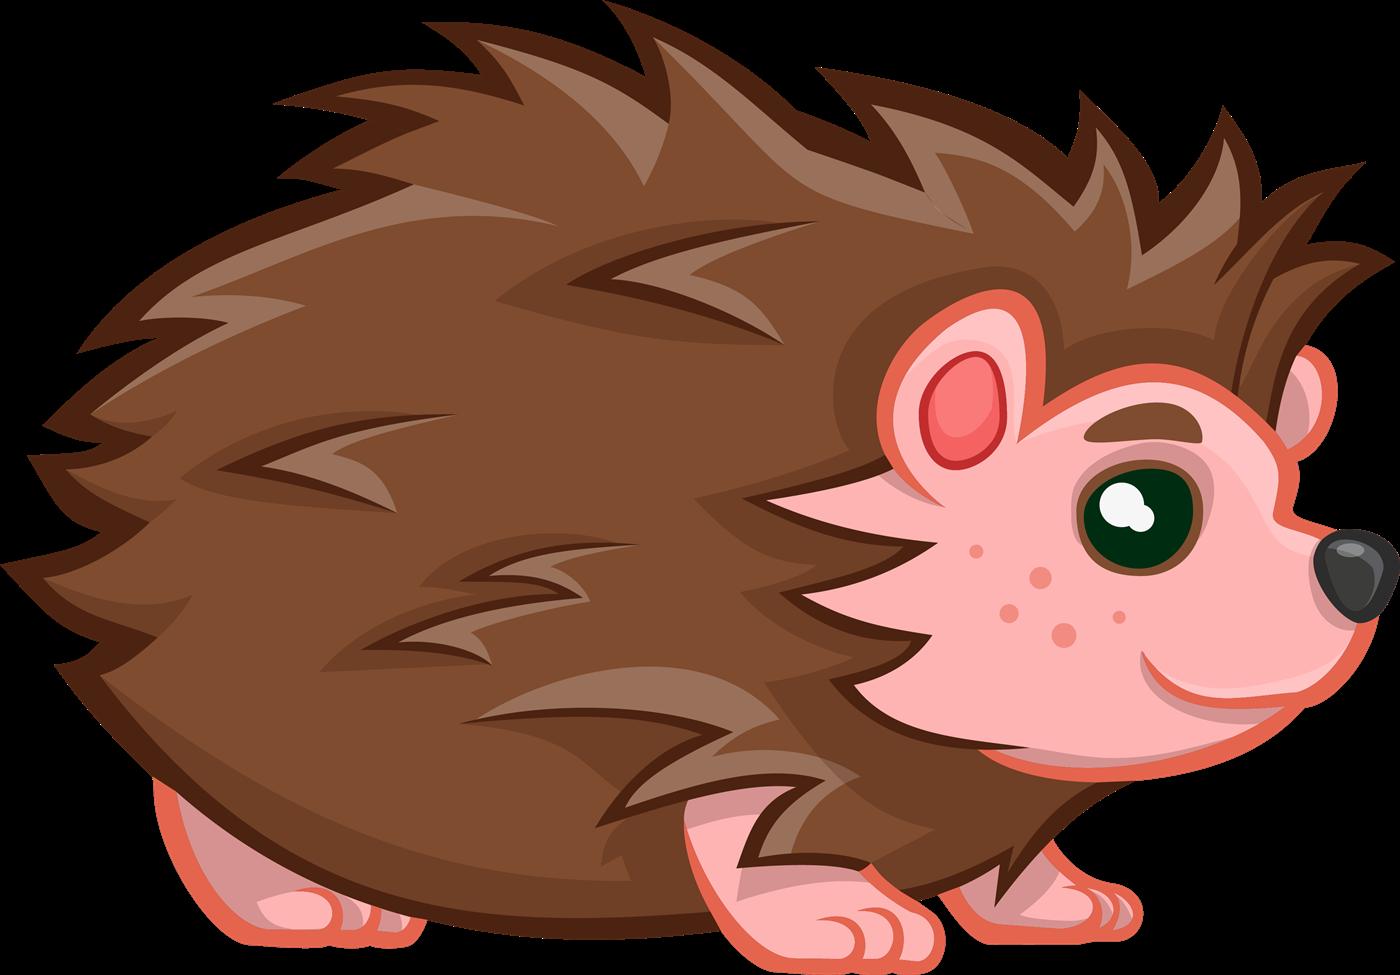 hedgehog clipart kawaii